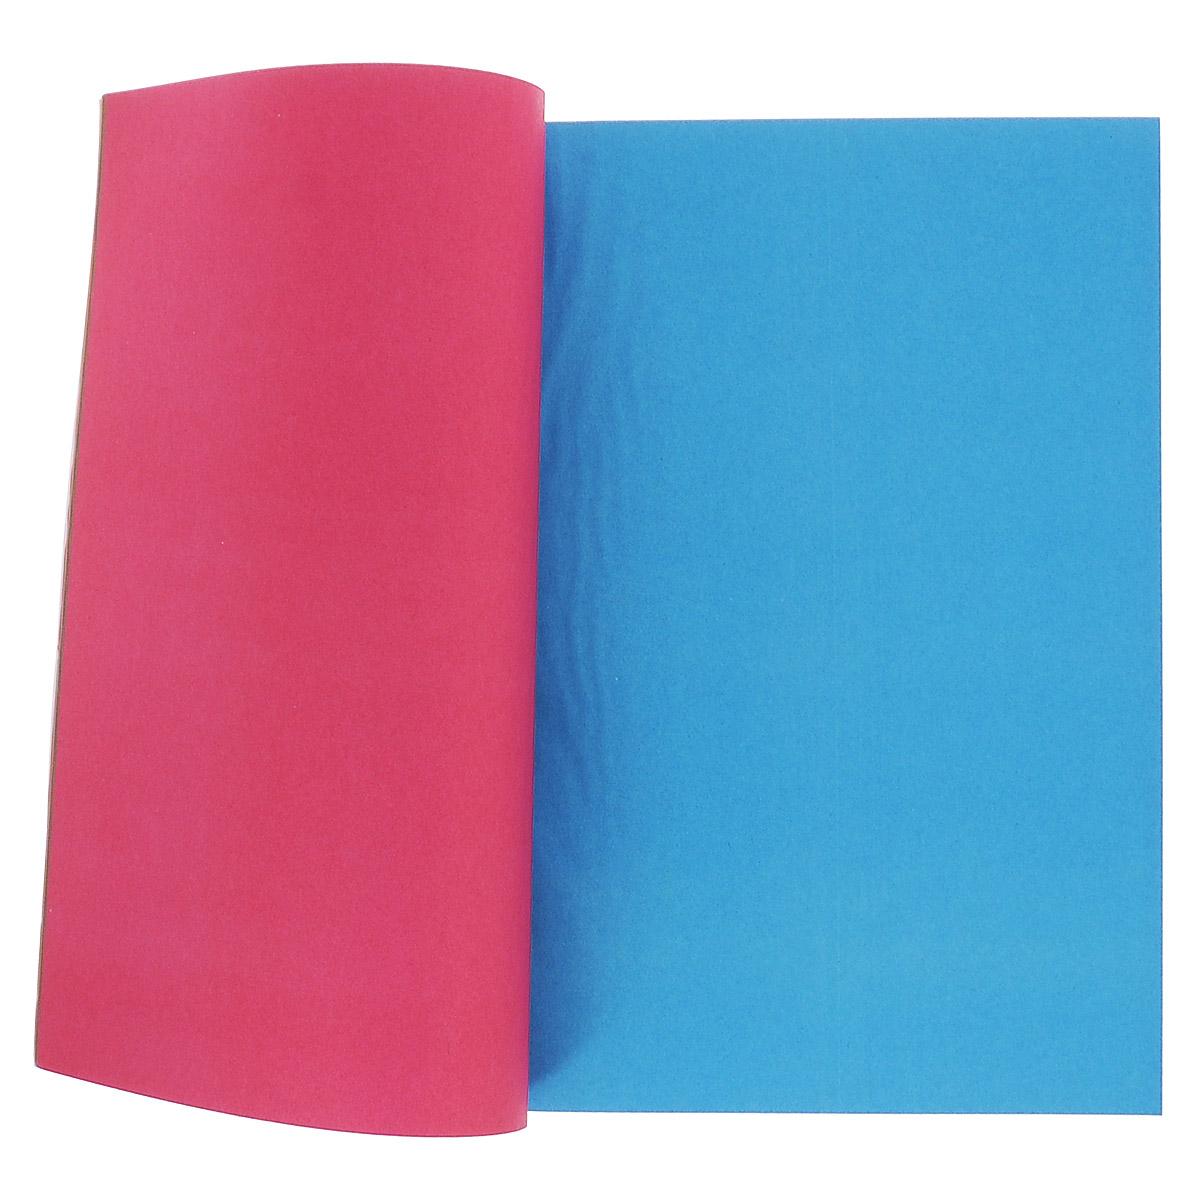 Набор цветной бумаги и цветного картона Бриз позволит вашему малышу раскрыть свой творческий потенциал.Набор содержит 10 листов цветного картона 10 разных цветов и 16 листов цветной бумаги 16 разных цветов. Цветная бумага двухсторонняя, цветной картон односторонний.Создание поделок из цветной бумаги и картона - это увлекательнейший процесс, способствующий развитию у ребенка фантазии и творческого мышления.Набор не содержит каких-либо инструкций - ребенок может дать волю своей фантазии и создавать собственные шедевры! Набор прекрасно подойдет для рисования, создания аппликаций, оригами, изготовления поделок из картона и бумаги. Порадуйте своего малыша таким замечательным подарком!